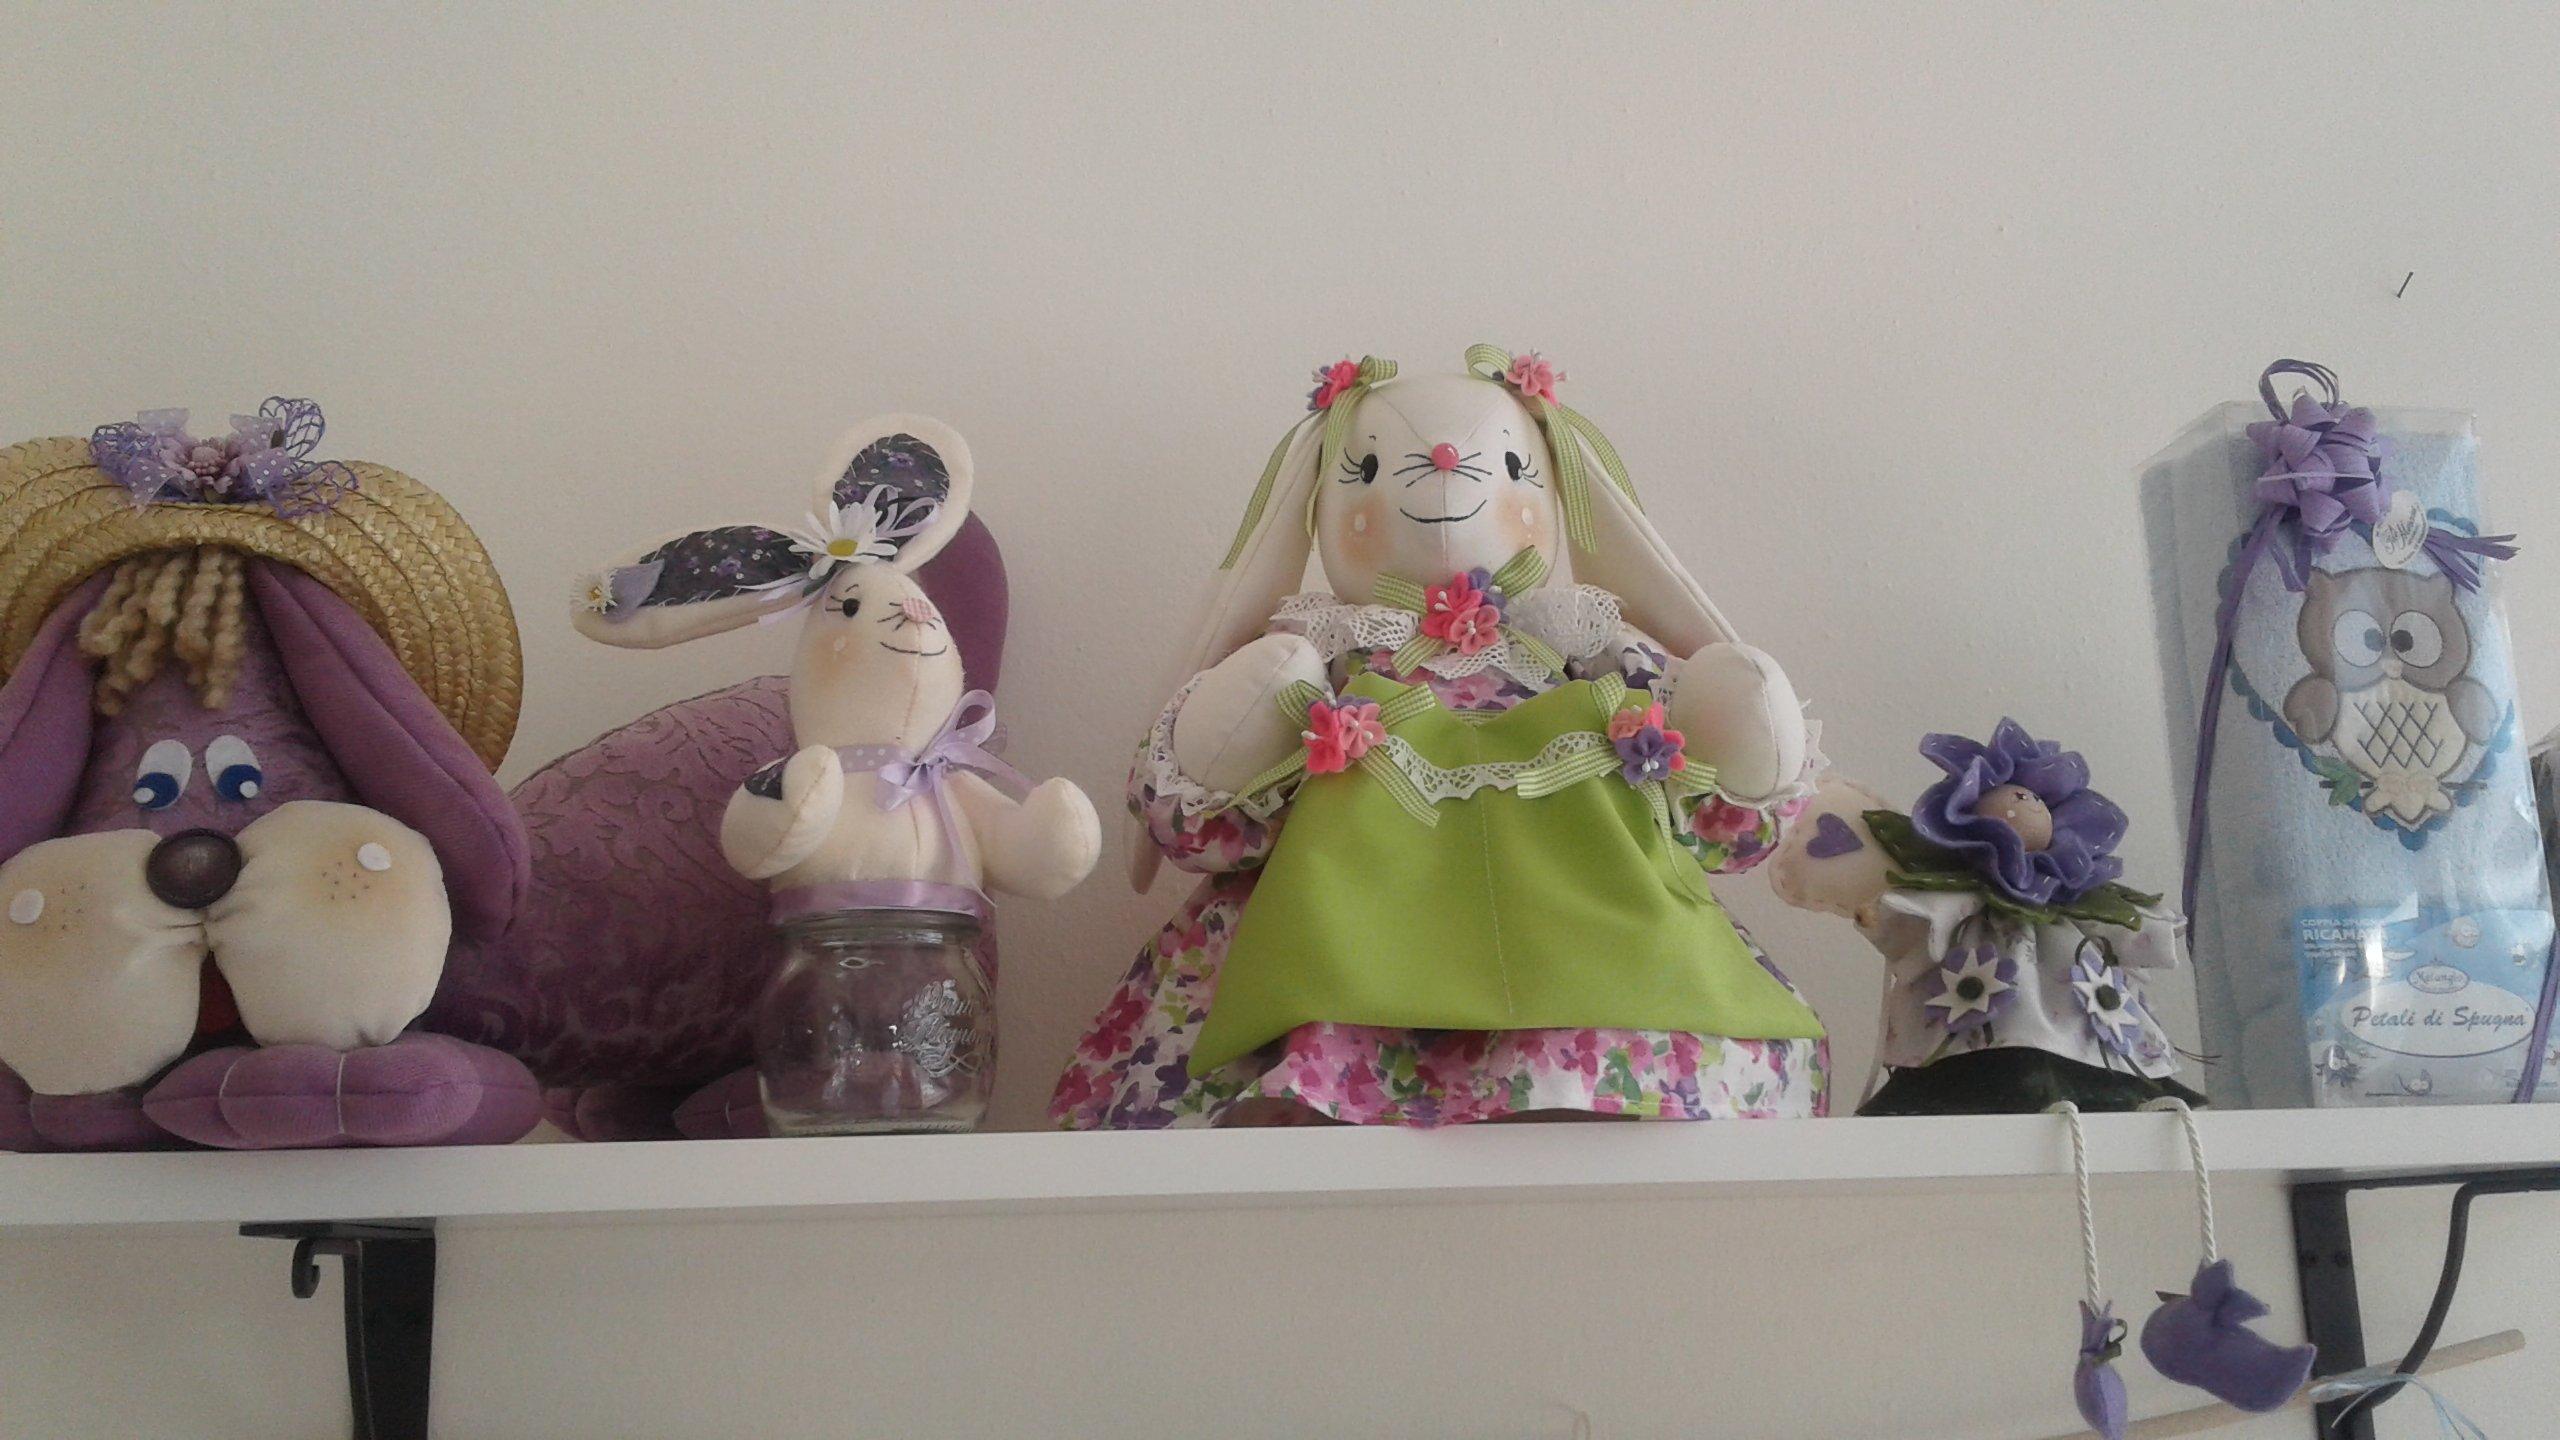 Conigli di pezza con vestito verde e fiori rosa